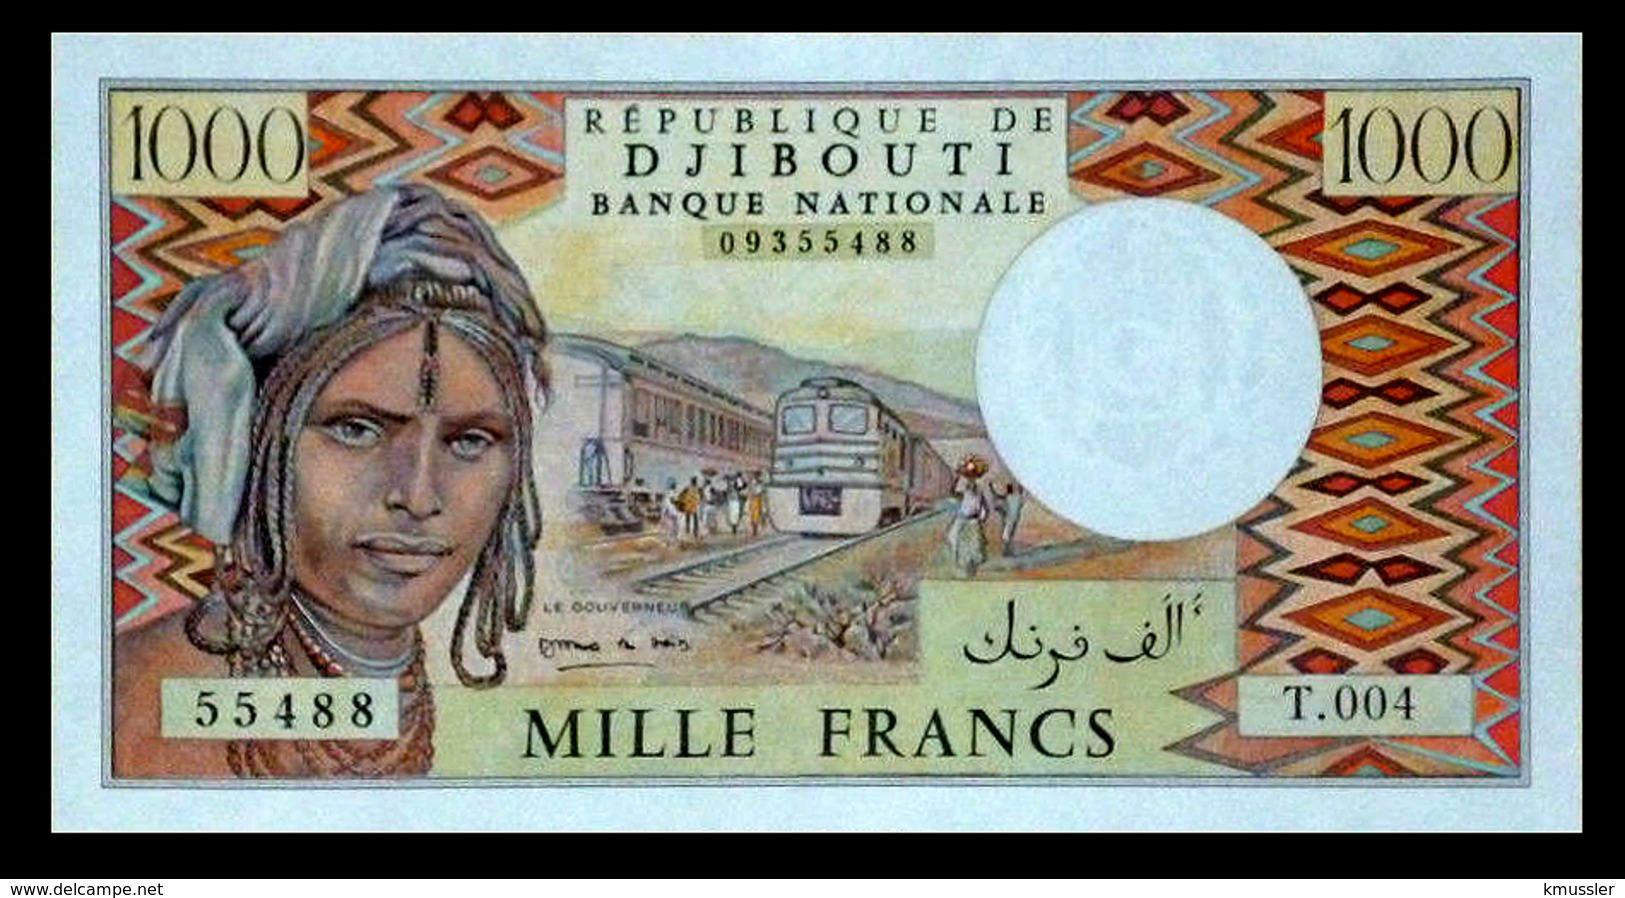 # # # Banknote Dschibuti (Djibouti) 1000 Francs UNC # # # - Djibouti